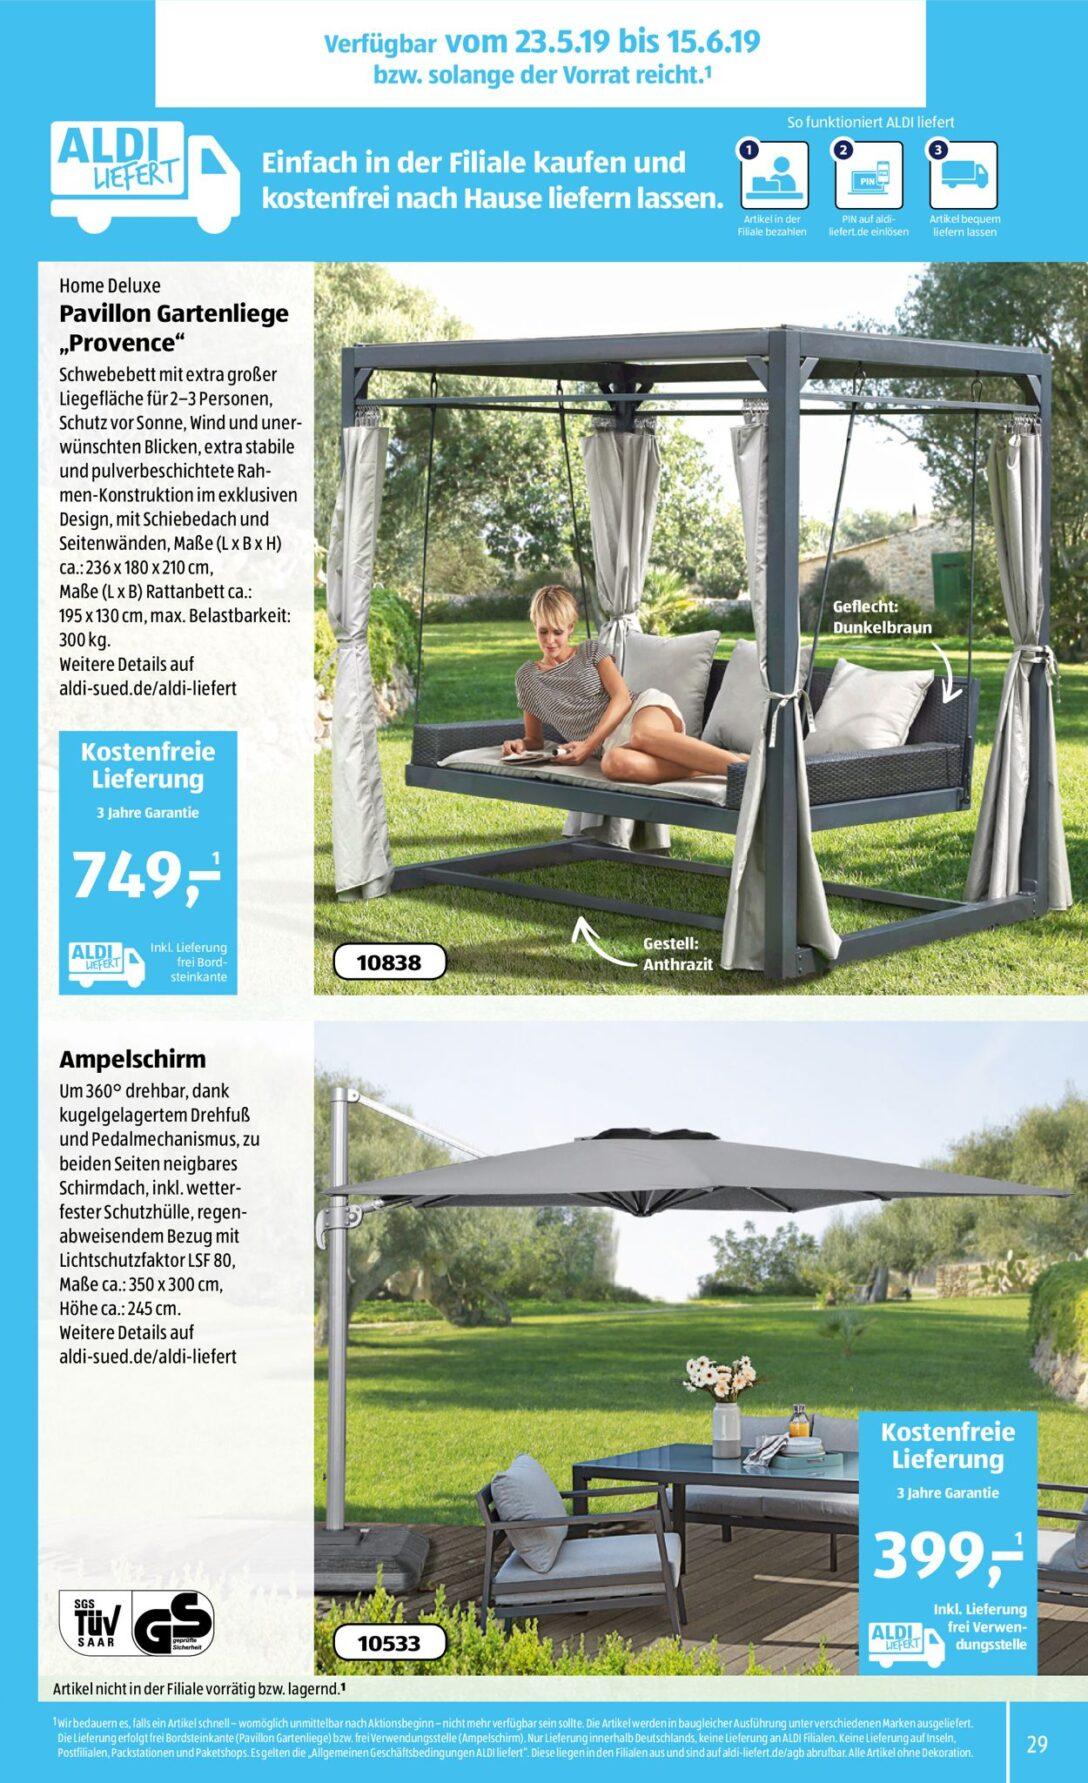 Large Size of Aldi Gartenliege 2020 Sd Aktueller Prospekt 2005 25052019 29 Jedewoche Relaxsessel Garten Wohnzimmer Aldi Gartenliege 2020